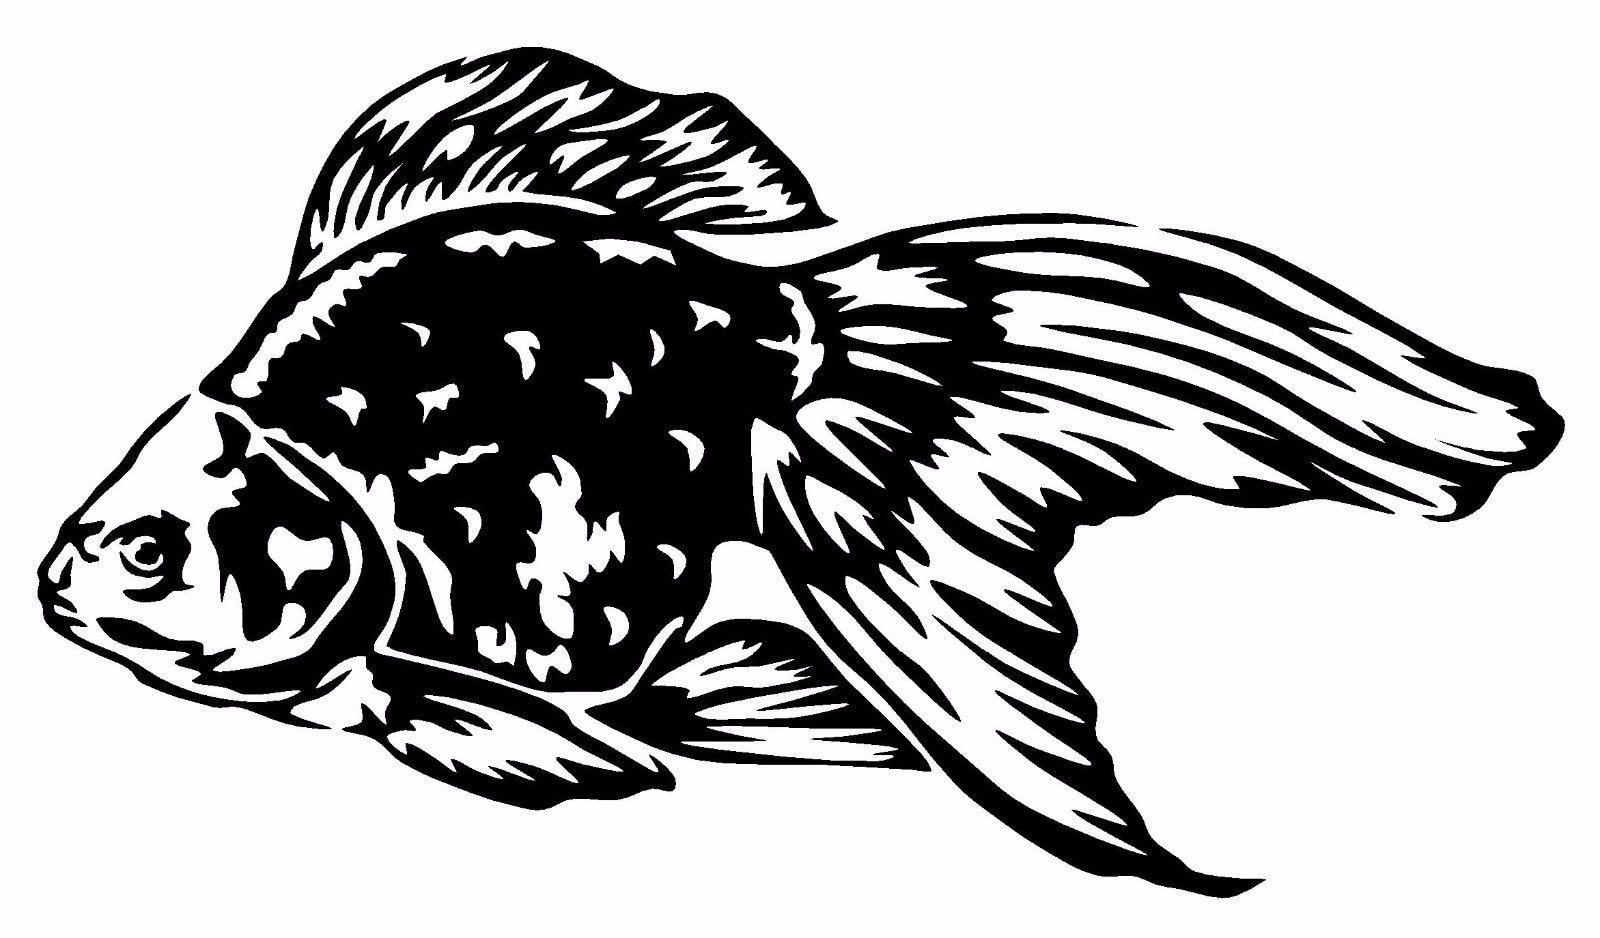 Gambar Koleksi Gambar Mewarnai Ikan Koi Kualitas Tinggi Dinding